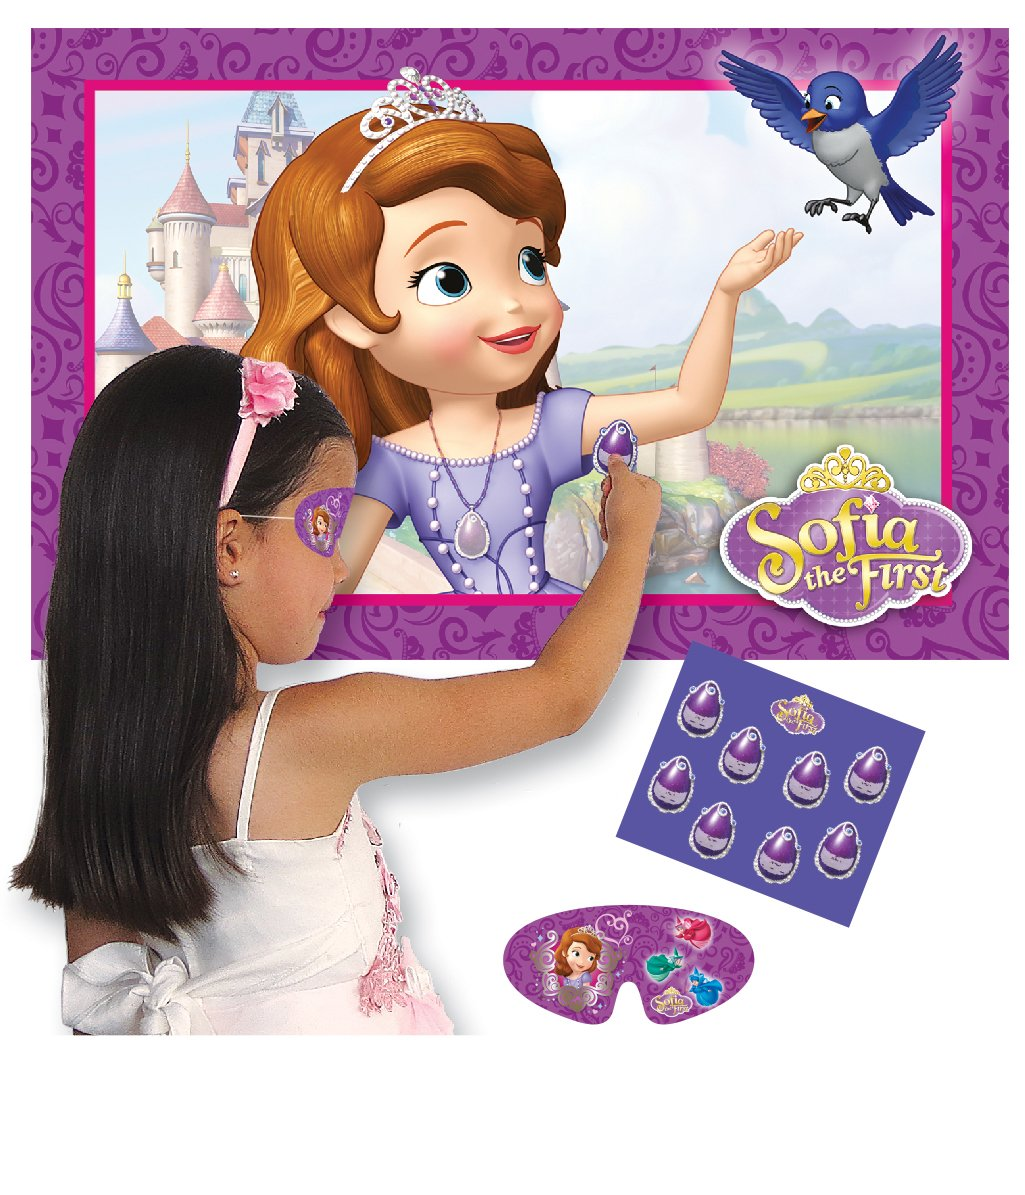 Amscan Sofia Erste Spiel Pin der Amulett Party Zubehör Amscan International 997173 Fantasy-Charaktere